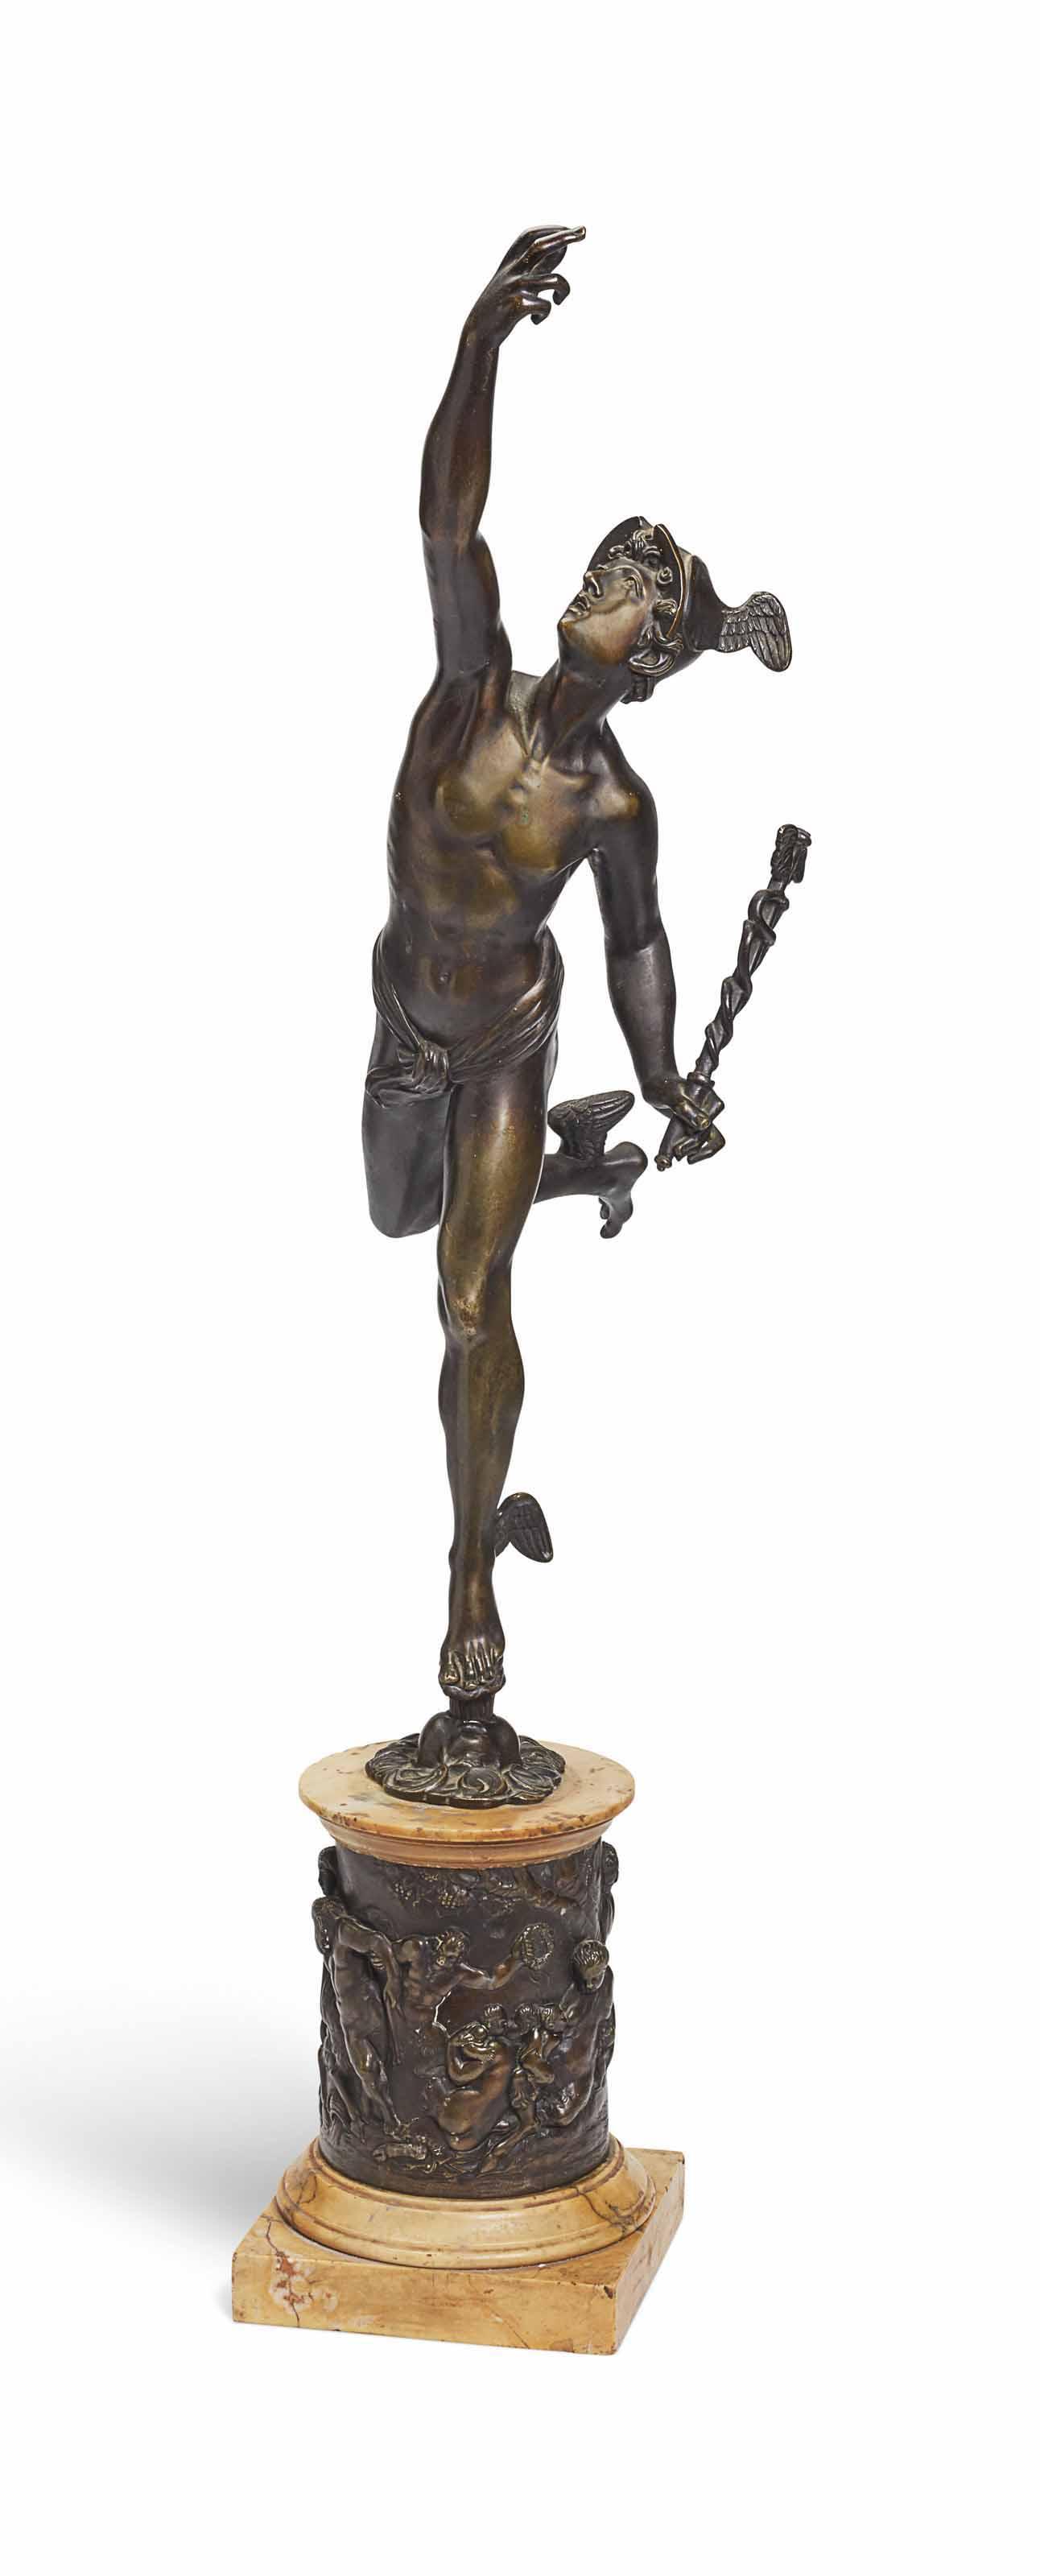 D'APRES GIAMBOLOGNA (1529-1608